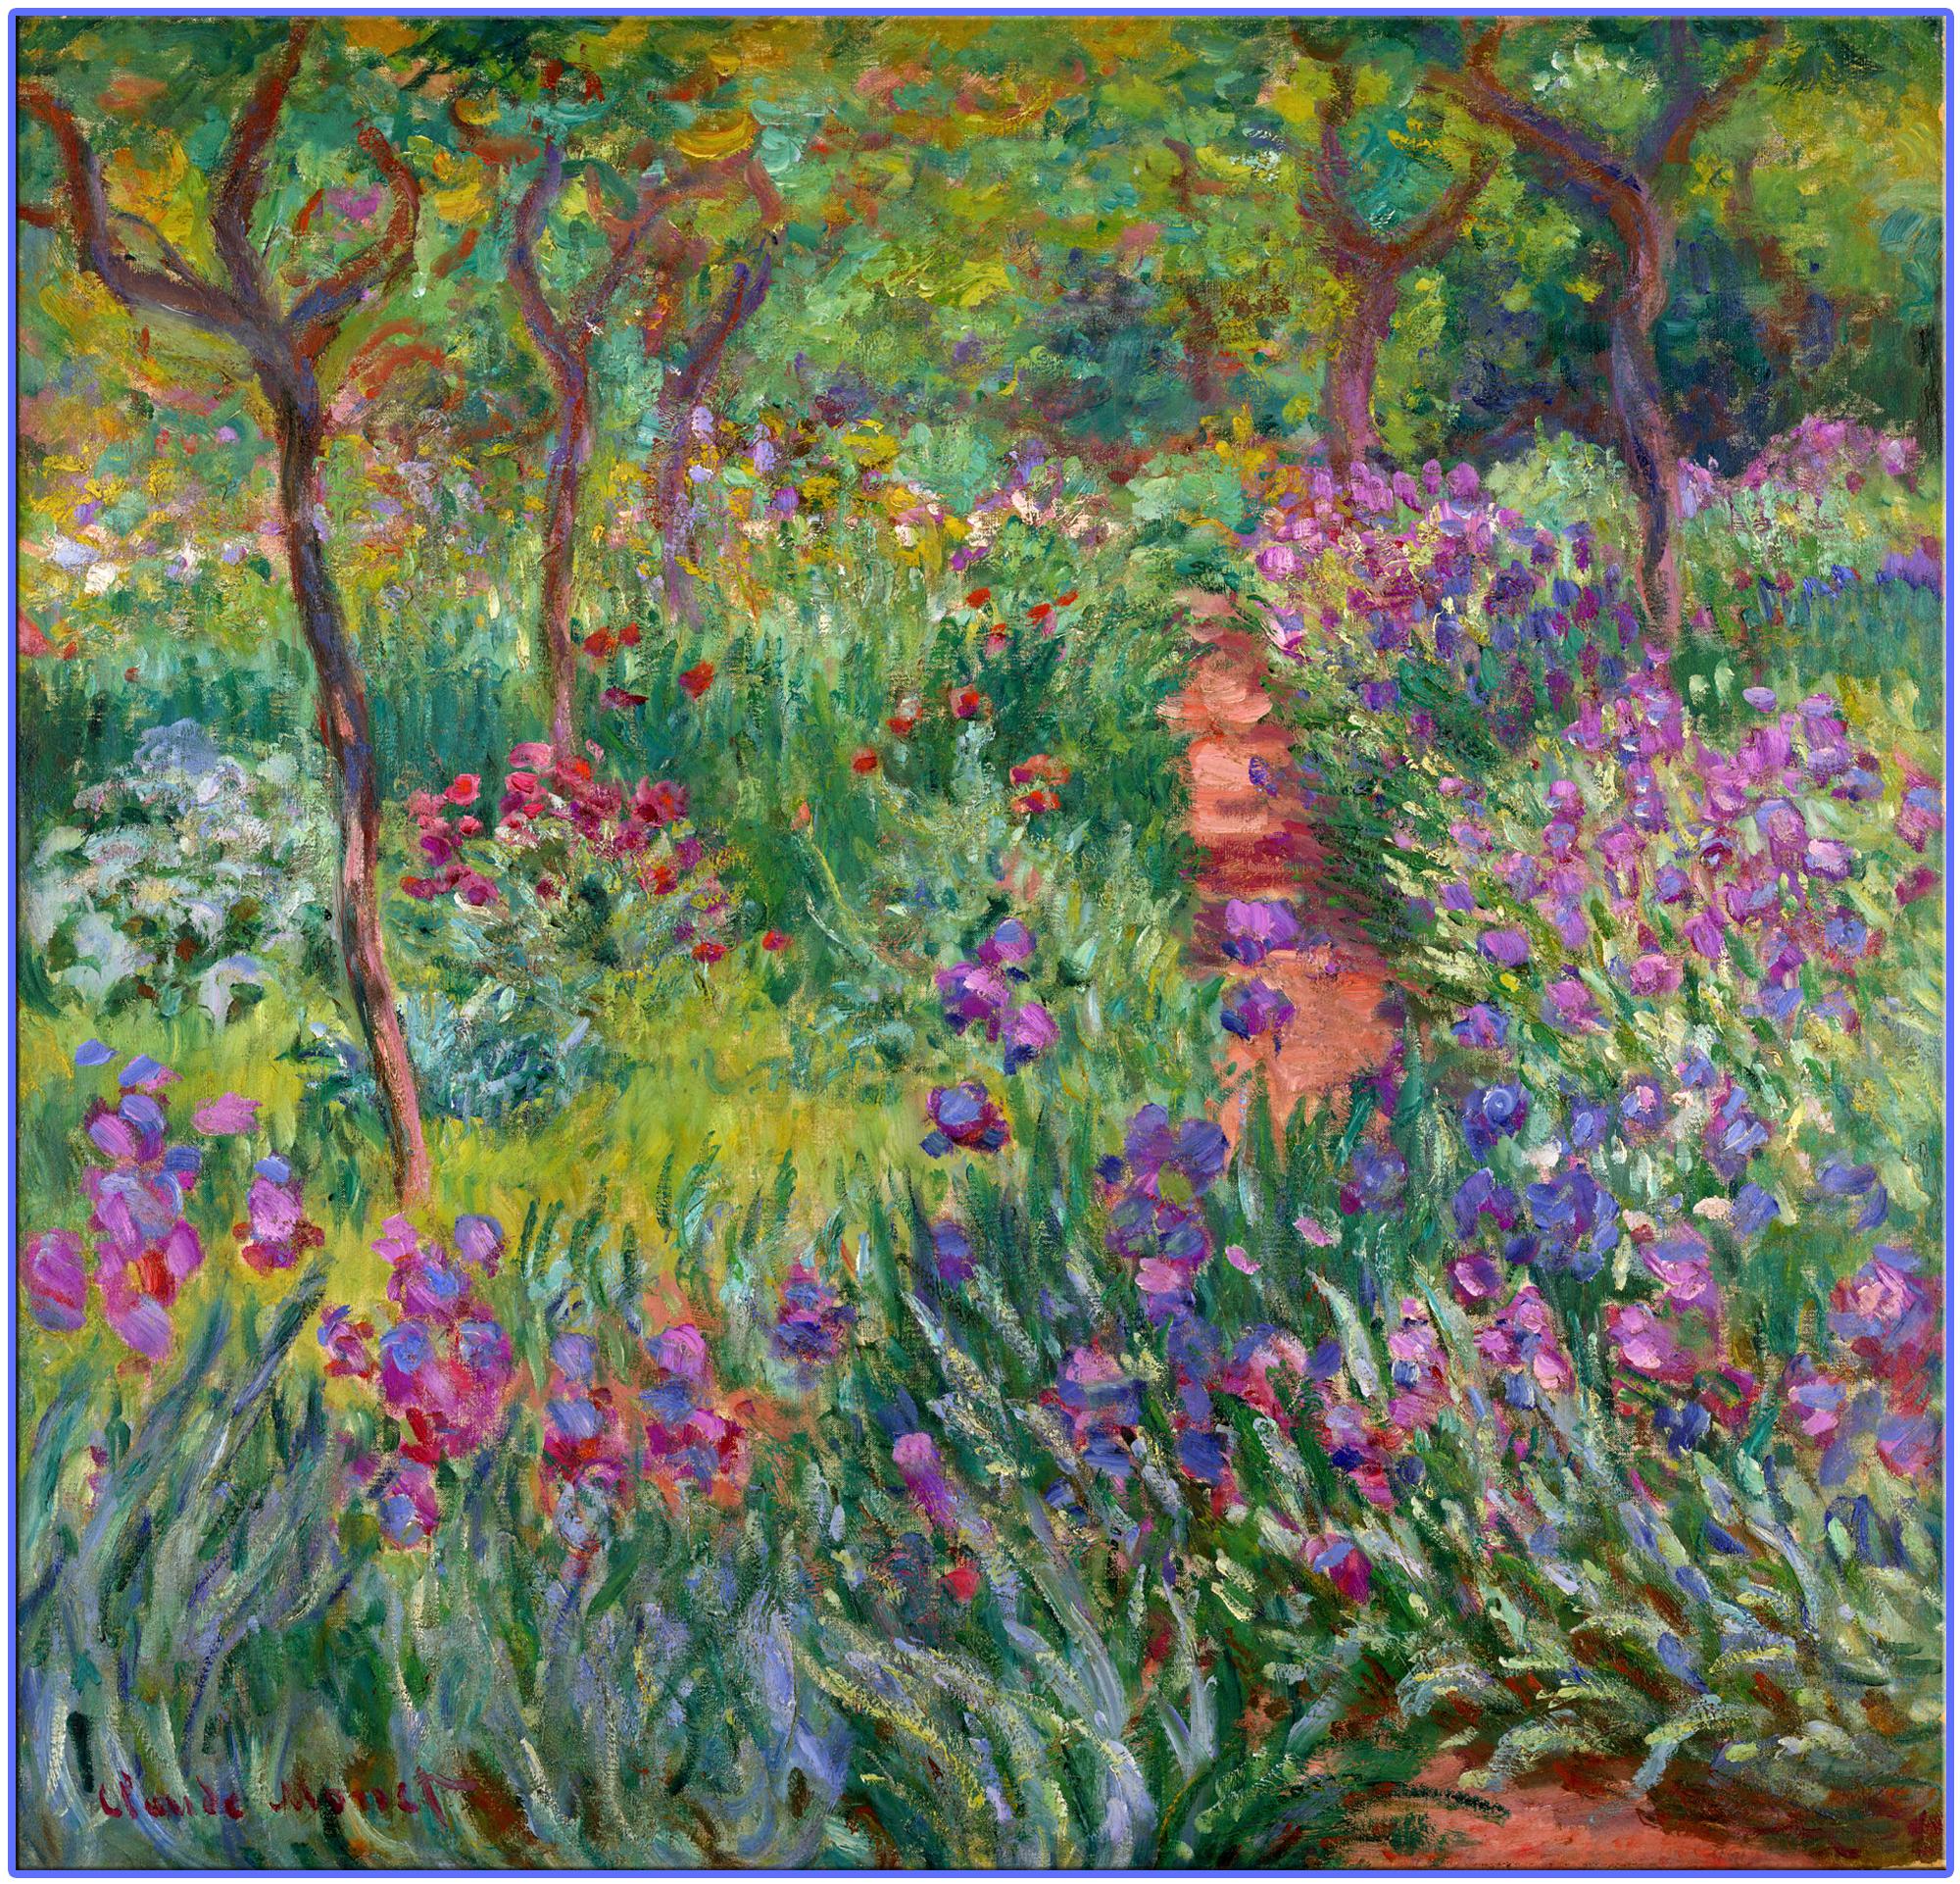 Обои Девушки в Саду, жанровая, картина, Клод Моне. Разное foto 14